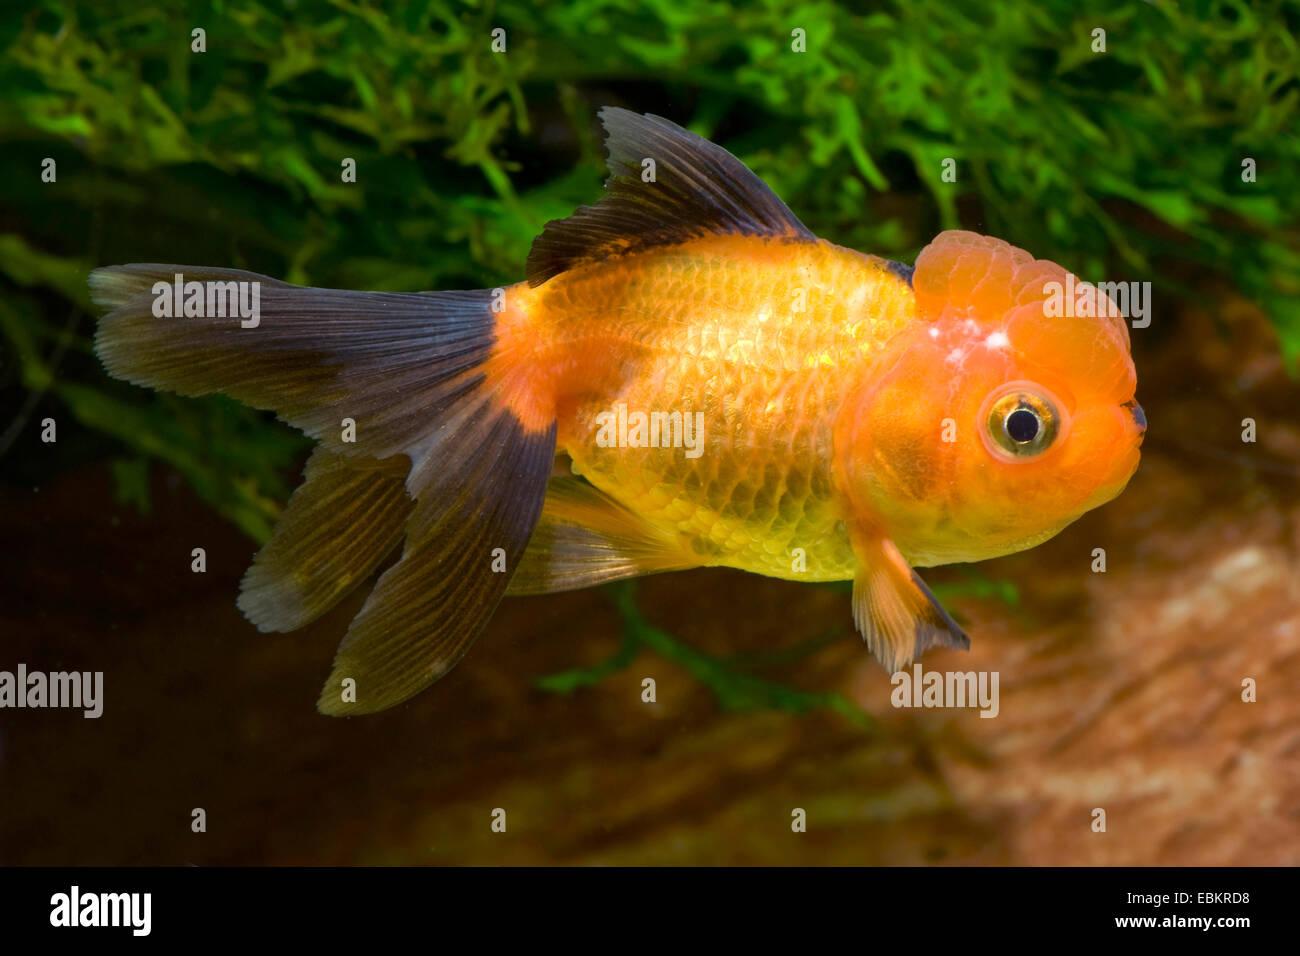 Goldfish, Common carp, Lionhead Goldfish (Carassius auratus), breeding form Lionhead black and red Stock Photo